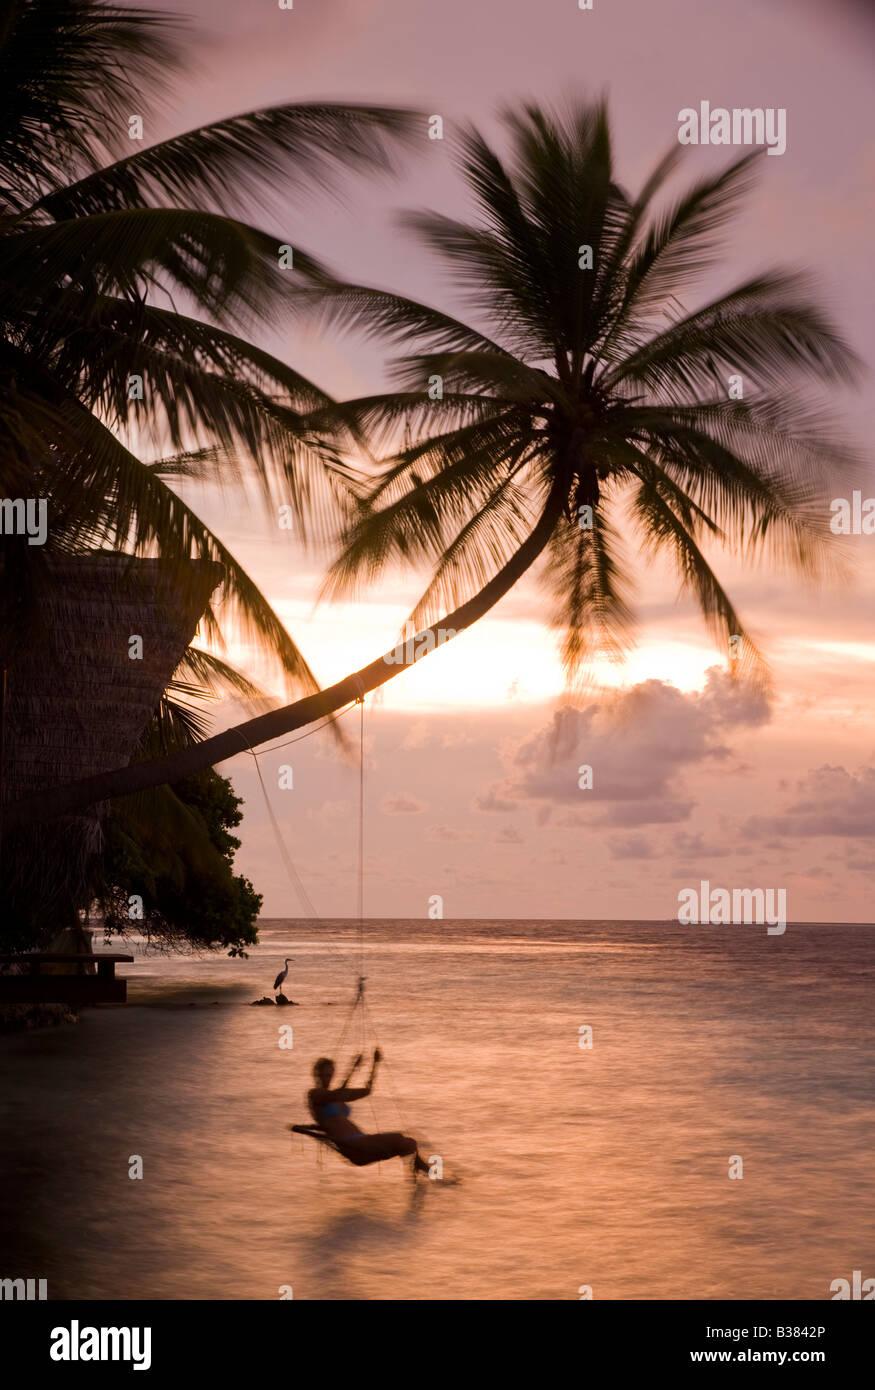 Chica balanceándose en el columpio al atardecer en el Atolón Ari sur en Maldivas cerca de India Foto de stock